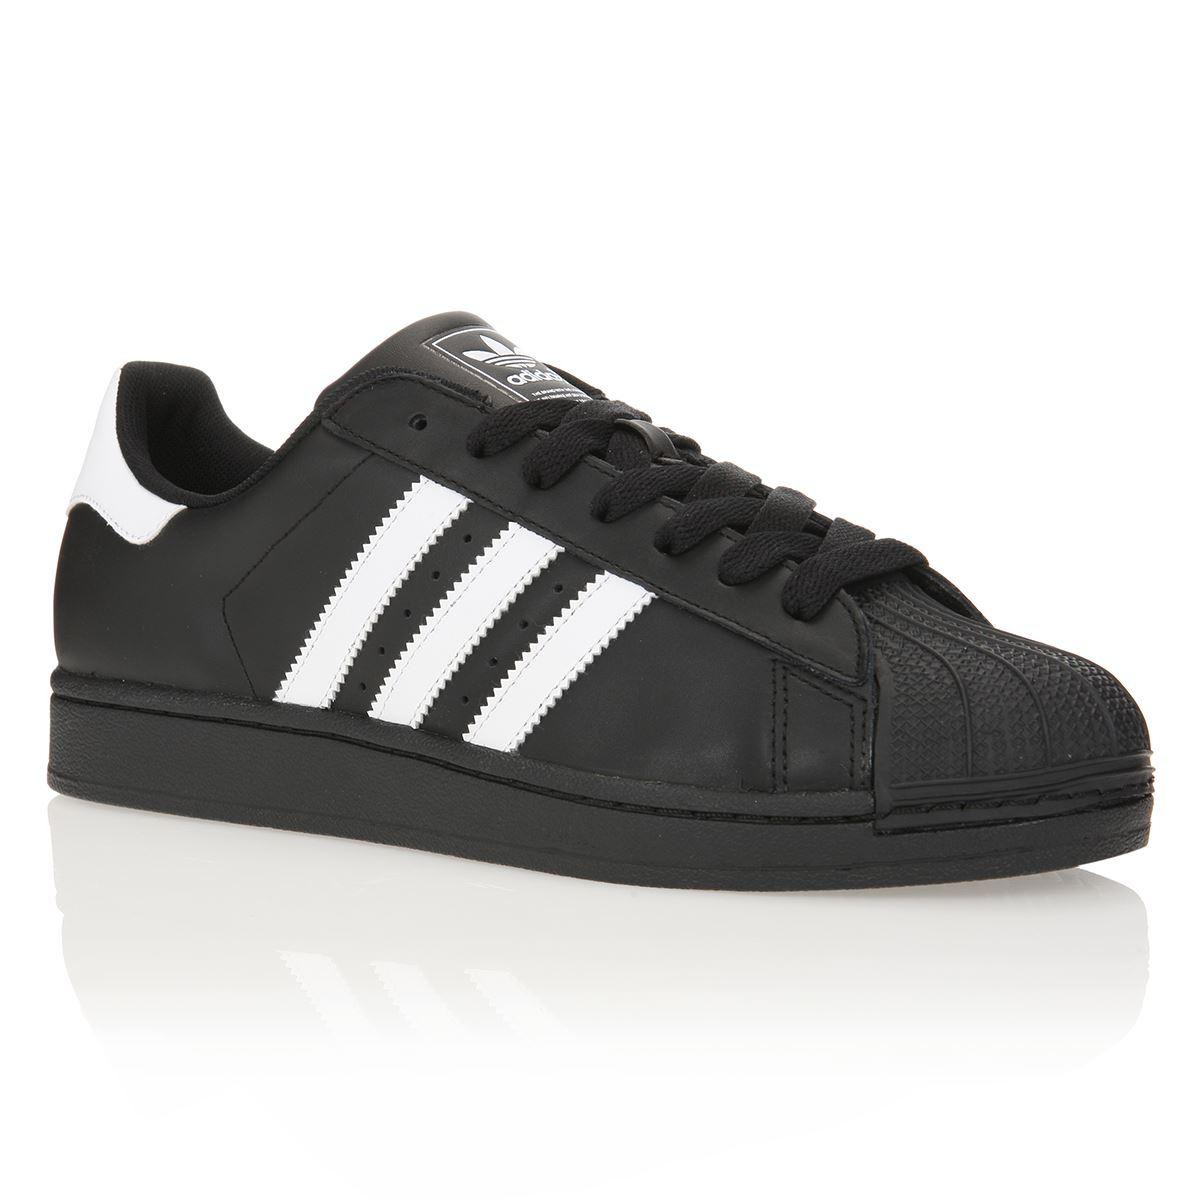 Superstar Homme Superstar Chaussures Adidas Adidas Ju309 Adidas Chaussures Superstar Ju309 Chaussures Homme 4pxzFqx